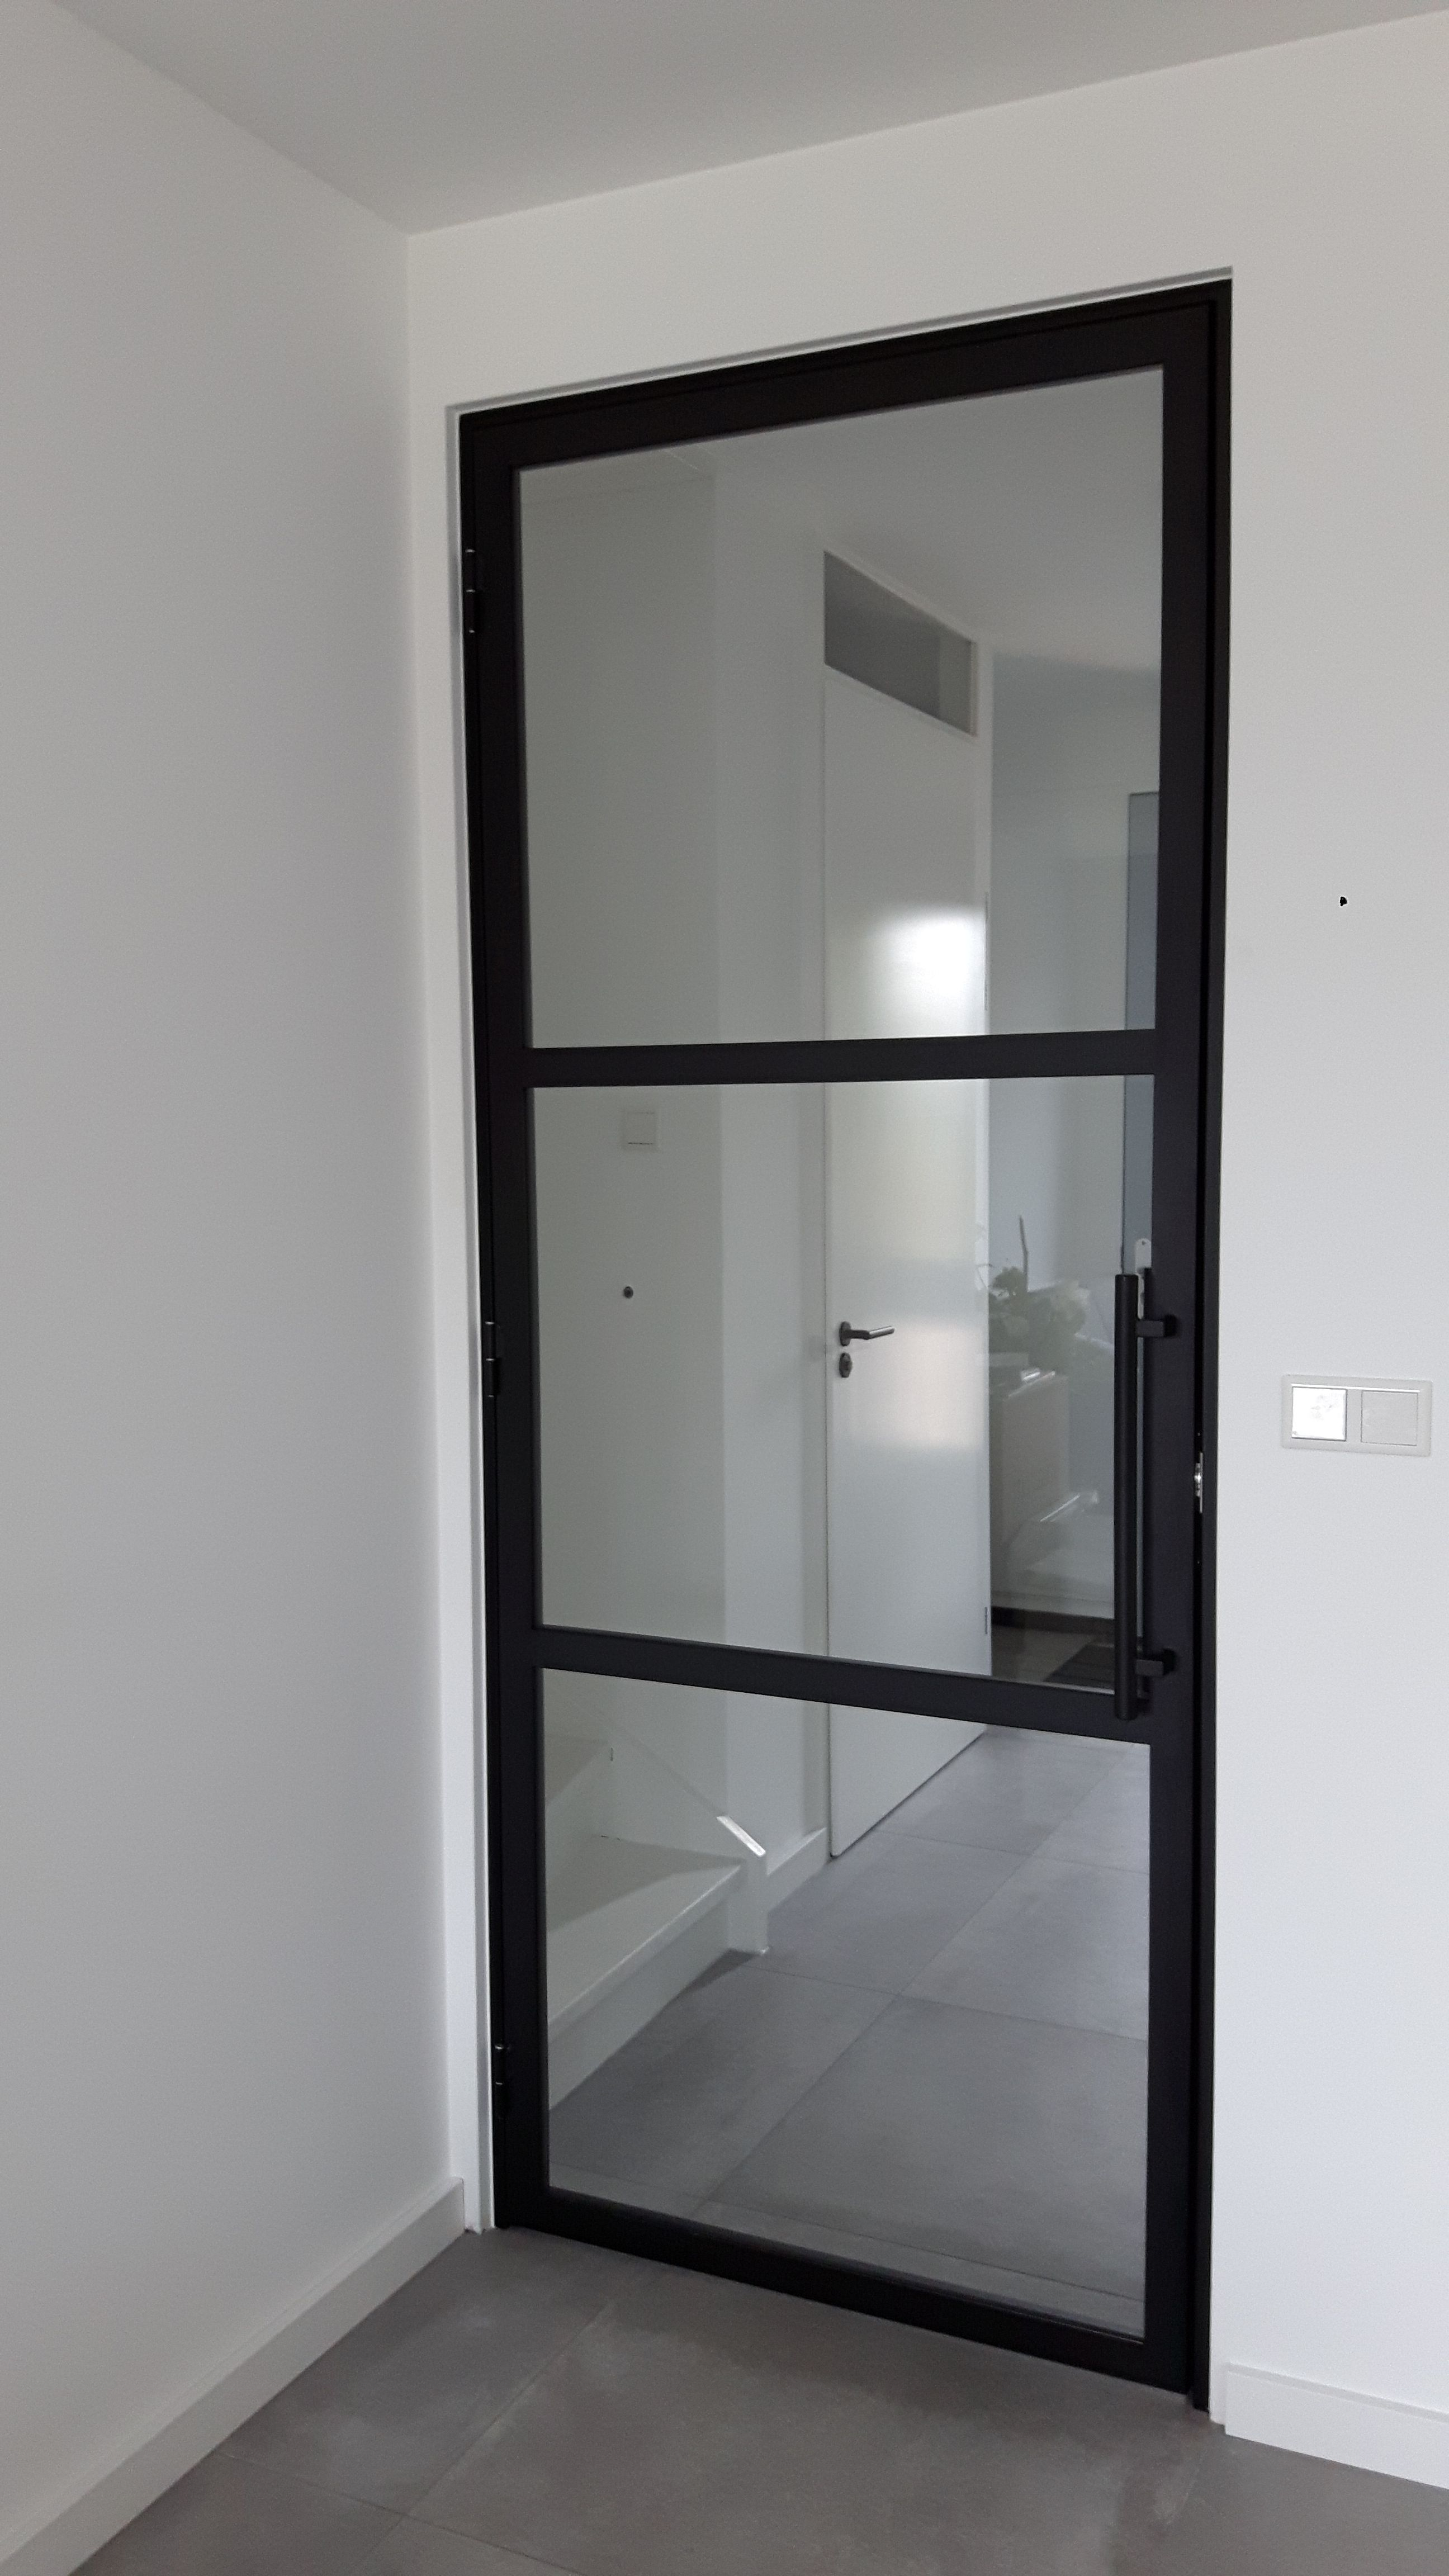 Stalen deur (scharnier) met 3 vlakken en buisgreep - Mijn Stalen ...